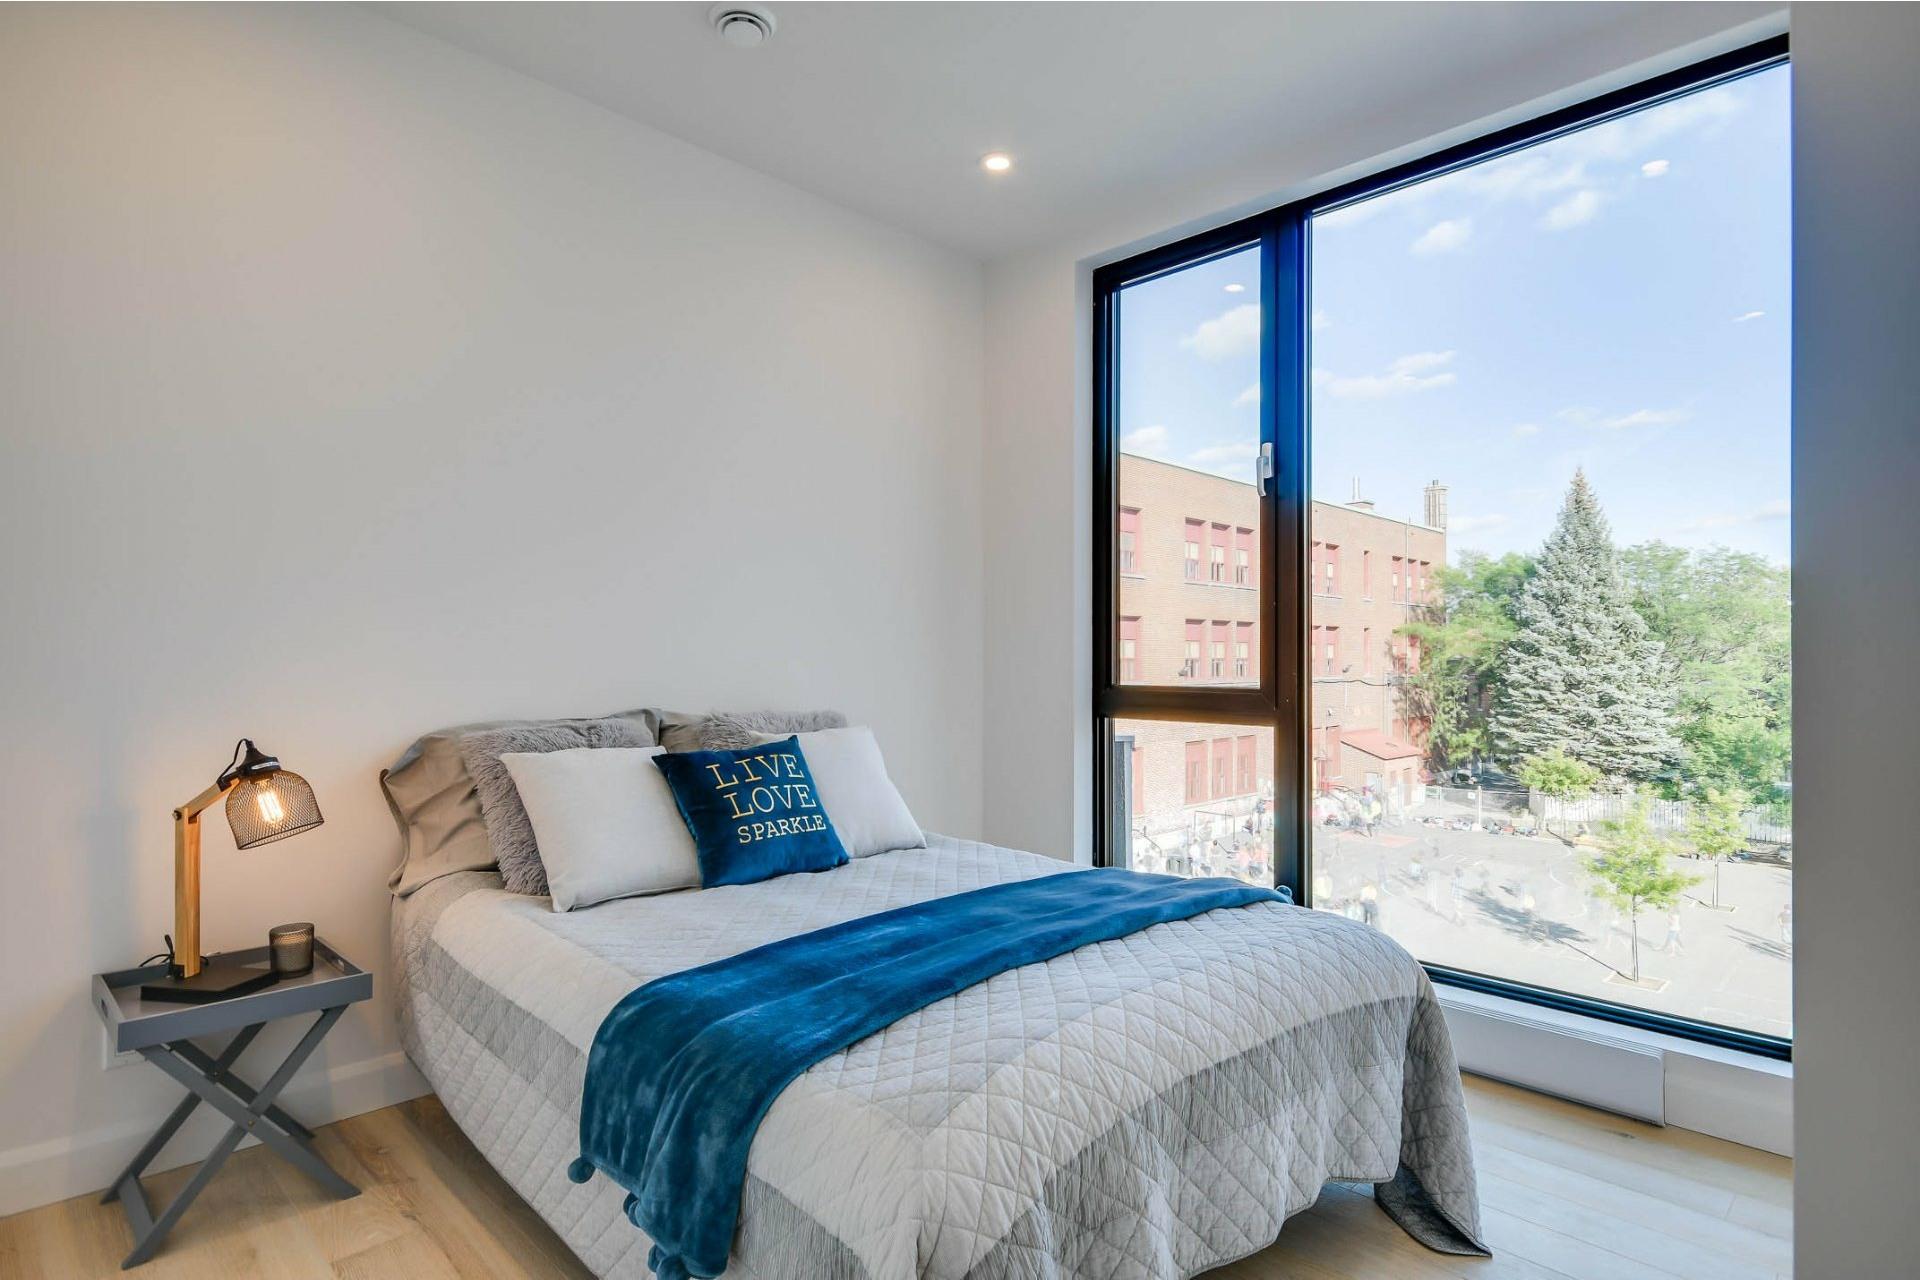 image 9 - Apartment For sale Villeray/Saint-Michel/Parc-Extension Montréal  - 7 rooms